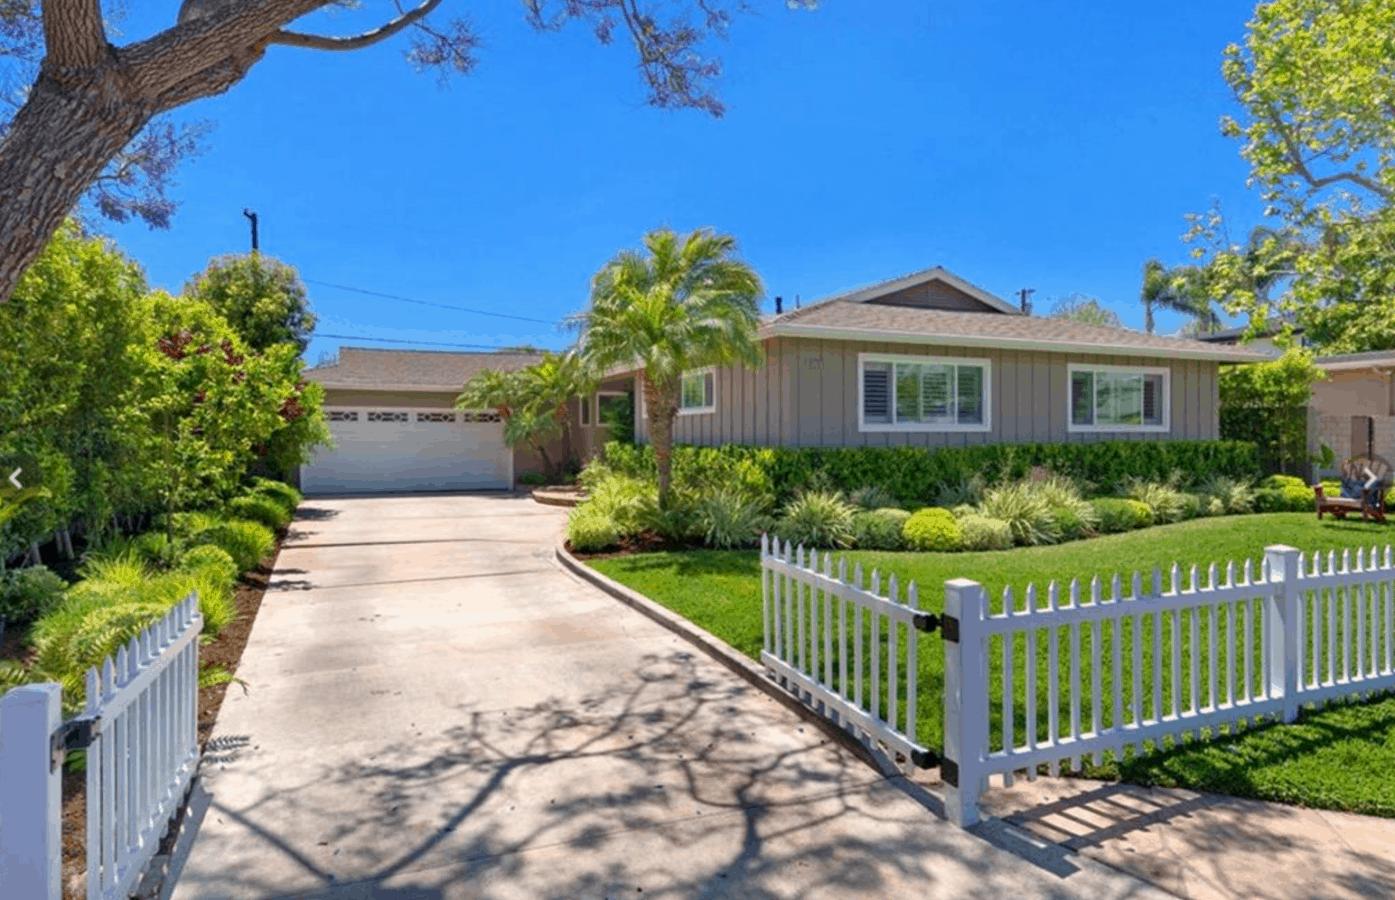 1831 Beryl Ln, Newport Beach 92660